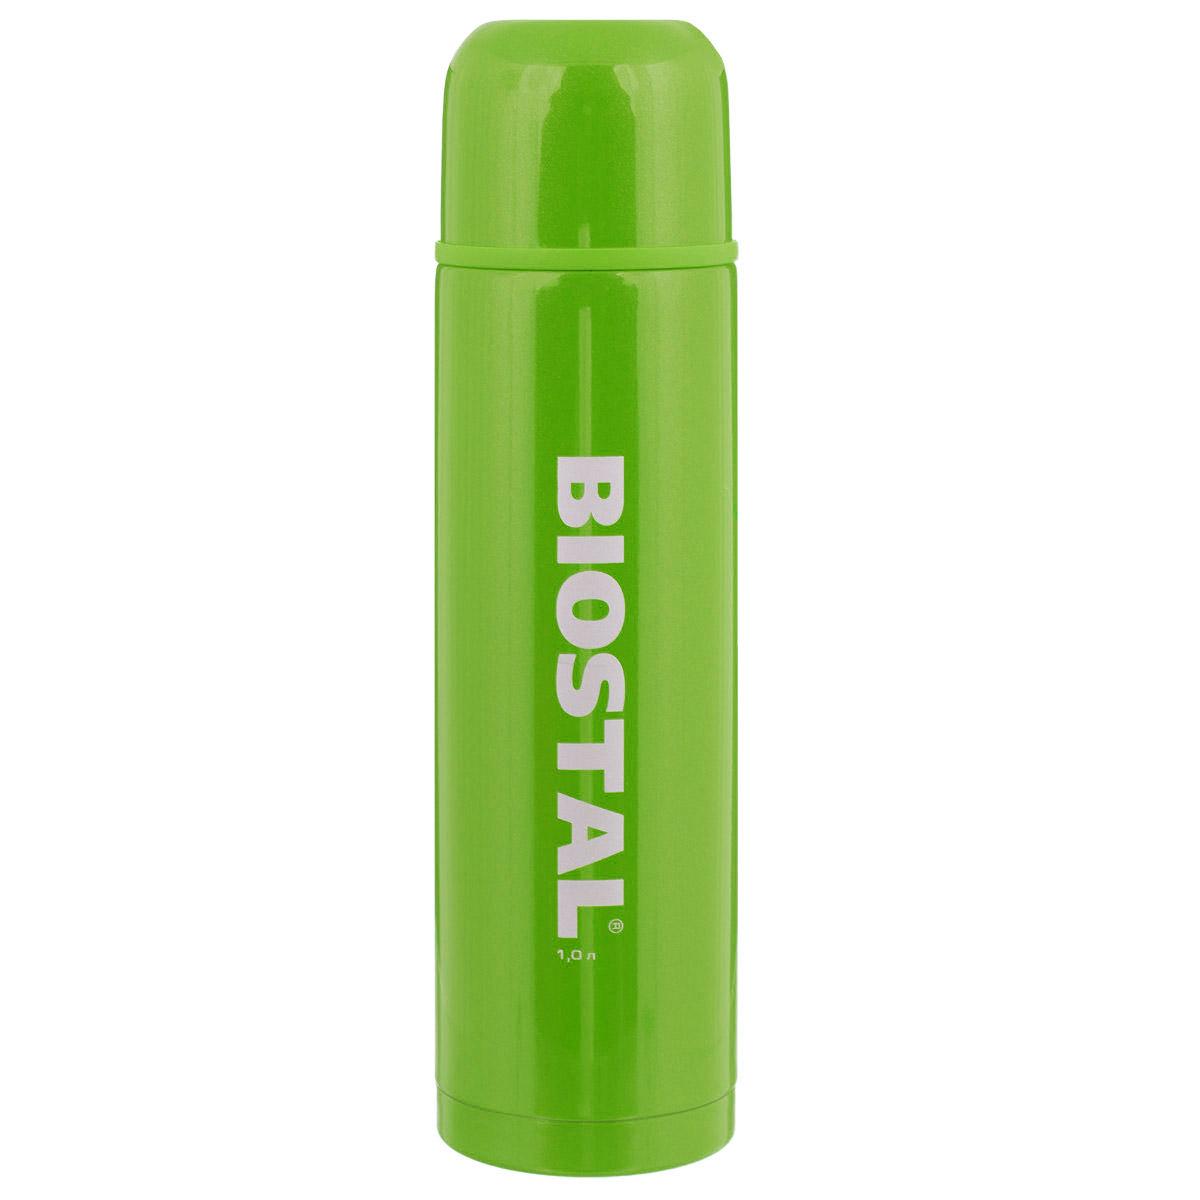 Термос BIOSTAL Fler, цвет: зеленый, 1 л. NB-1000С-GNB-1000С-GТермос с узким горлом BIOSTAL Fler, изготовленный из высококачественной нержавеющей стали, относится к классической серии. Термосы этой серии, являющейся лидером продаж, просты в использовании, экономичны и многофункциональны. Корпус покрыт защитным цветным лаком.Термос предназначен для хранения горячих и холодных напитков (чая, кофе) и укомплектован пробкой с кнопкой. Такая пробка удобна в использовании и позволяет, не отвинчивая ее, наливать напитки после простого нажатия. Изделие также оснащено крышкой. Легкий и прочный термос BIOSTAL Fler сохранит ваши напитки горячими или холодными надолго.